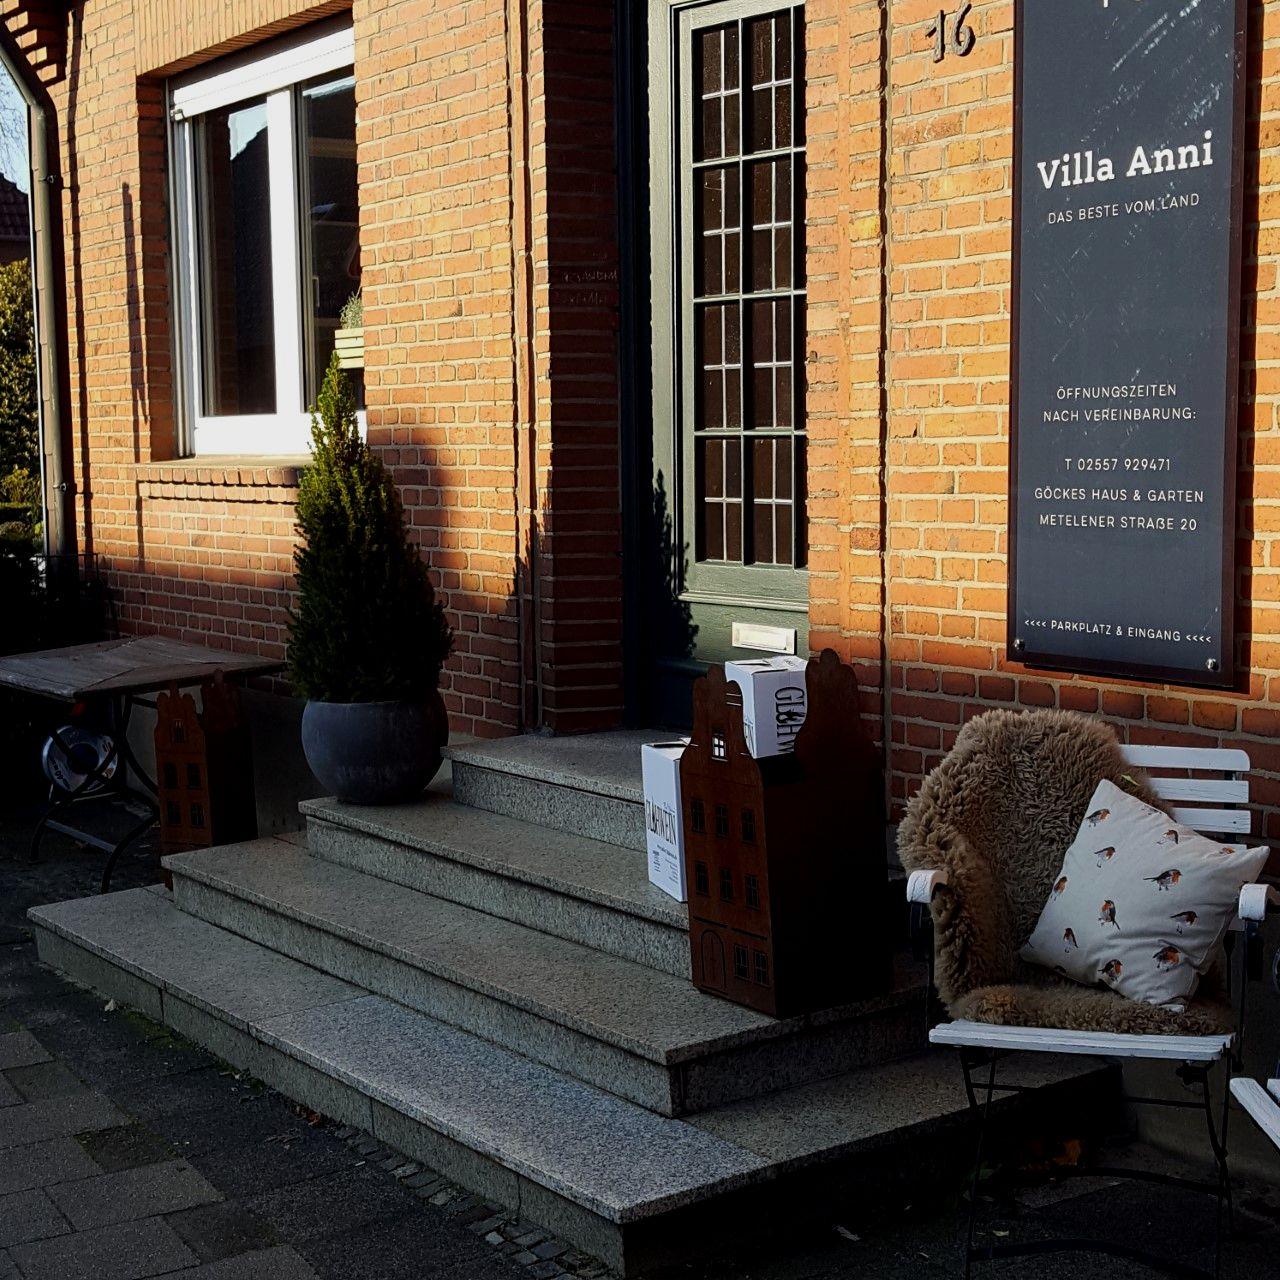 Göckes Haus und Garten Hausladen Villa Anni